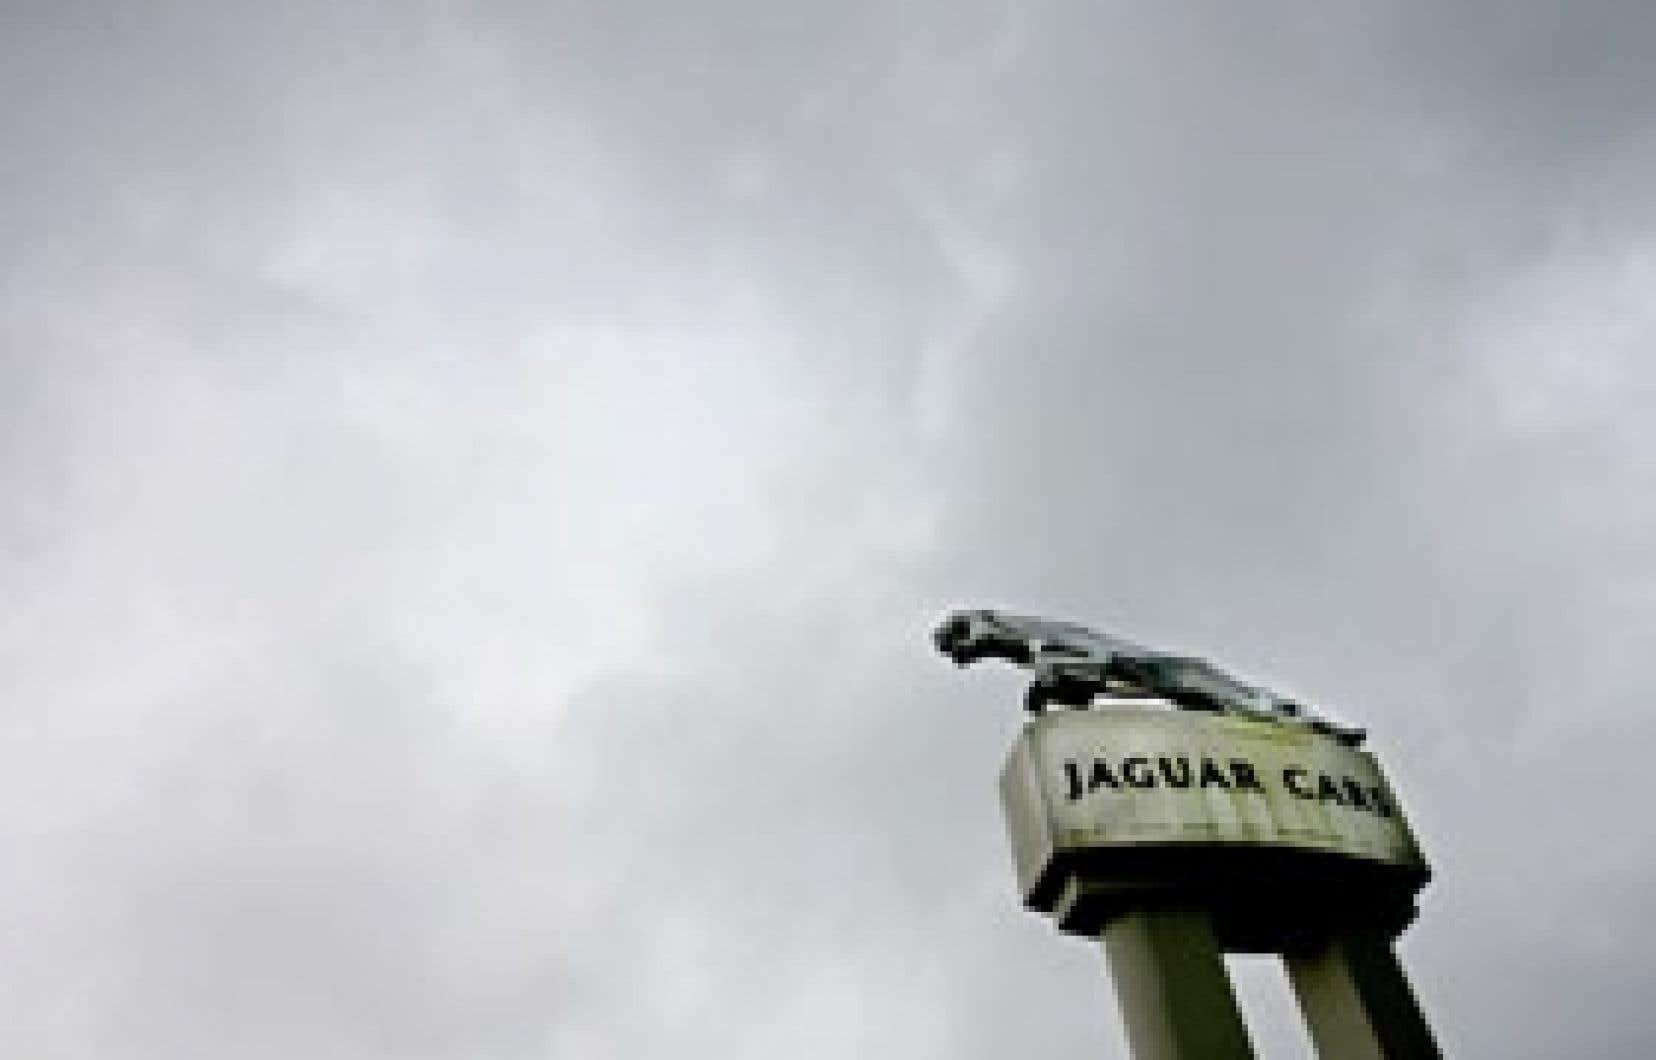 Bien que Jaguar ne soit déjà plus un constructeur britannique depuis bientôt vingt ans, il reste une fierté nationale, une légende.